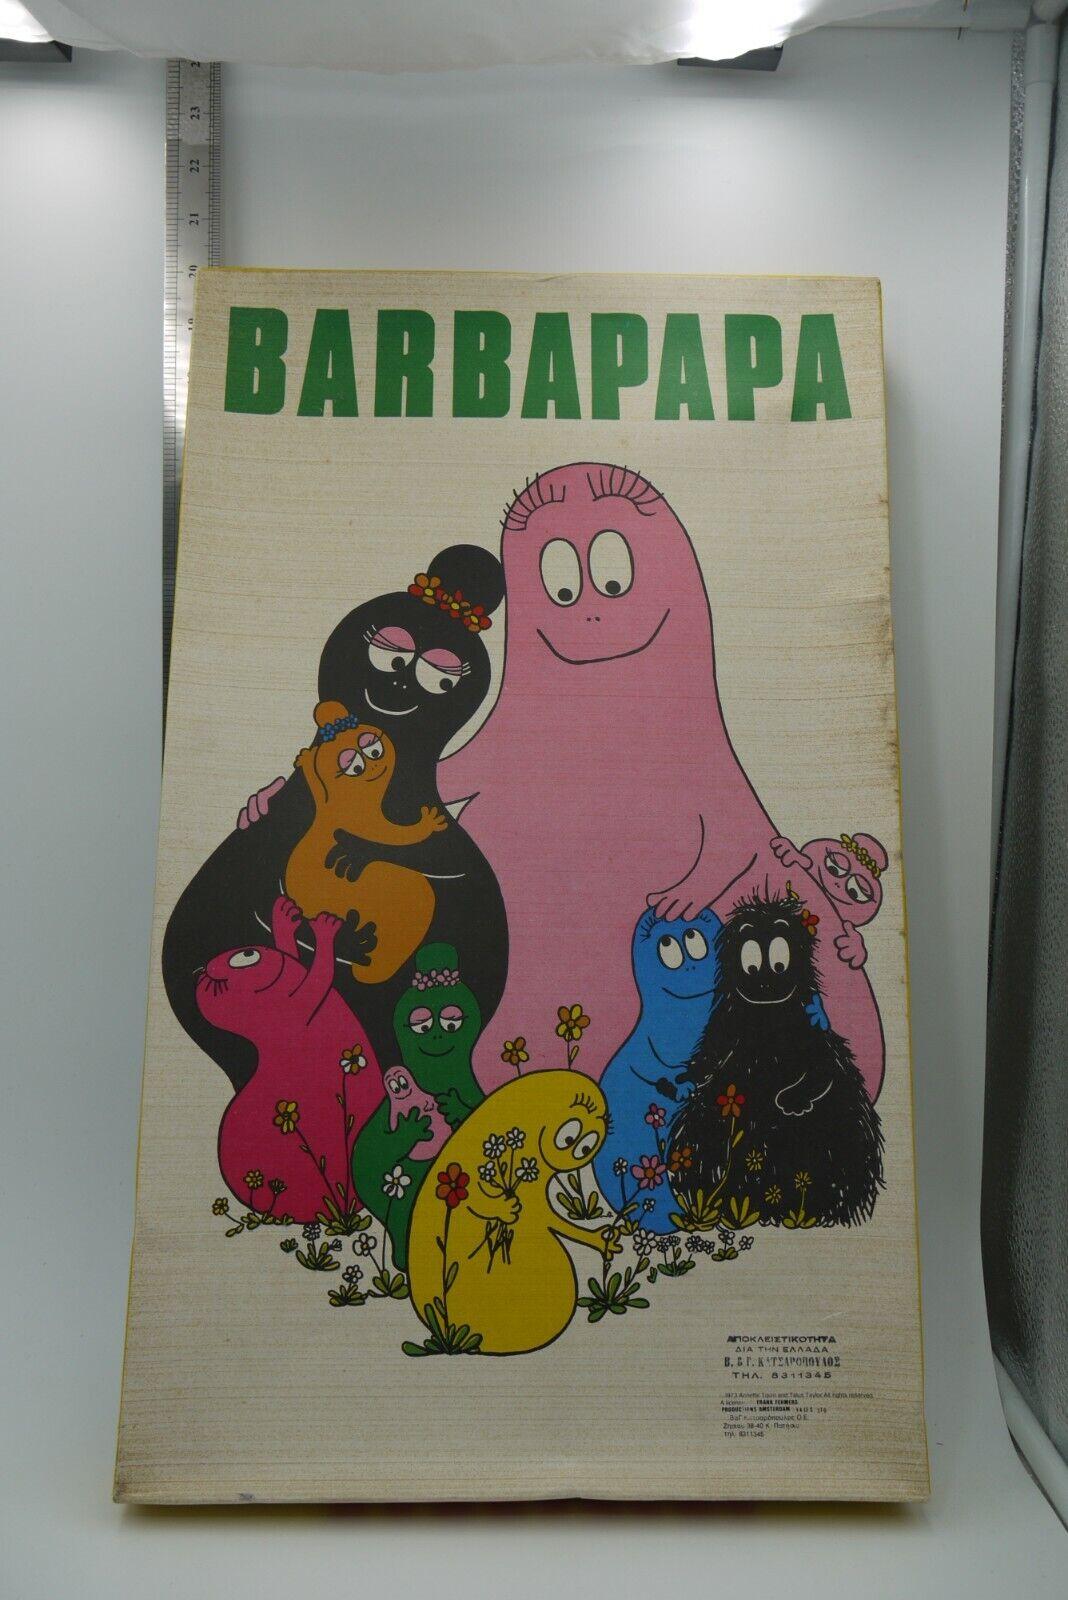 VINTAGE années 70 grec Board Game Barbapapa katsaropoulos complet